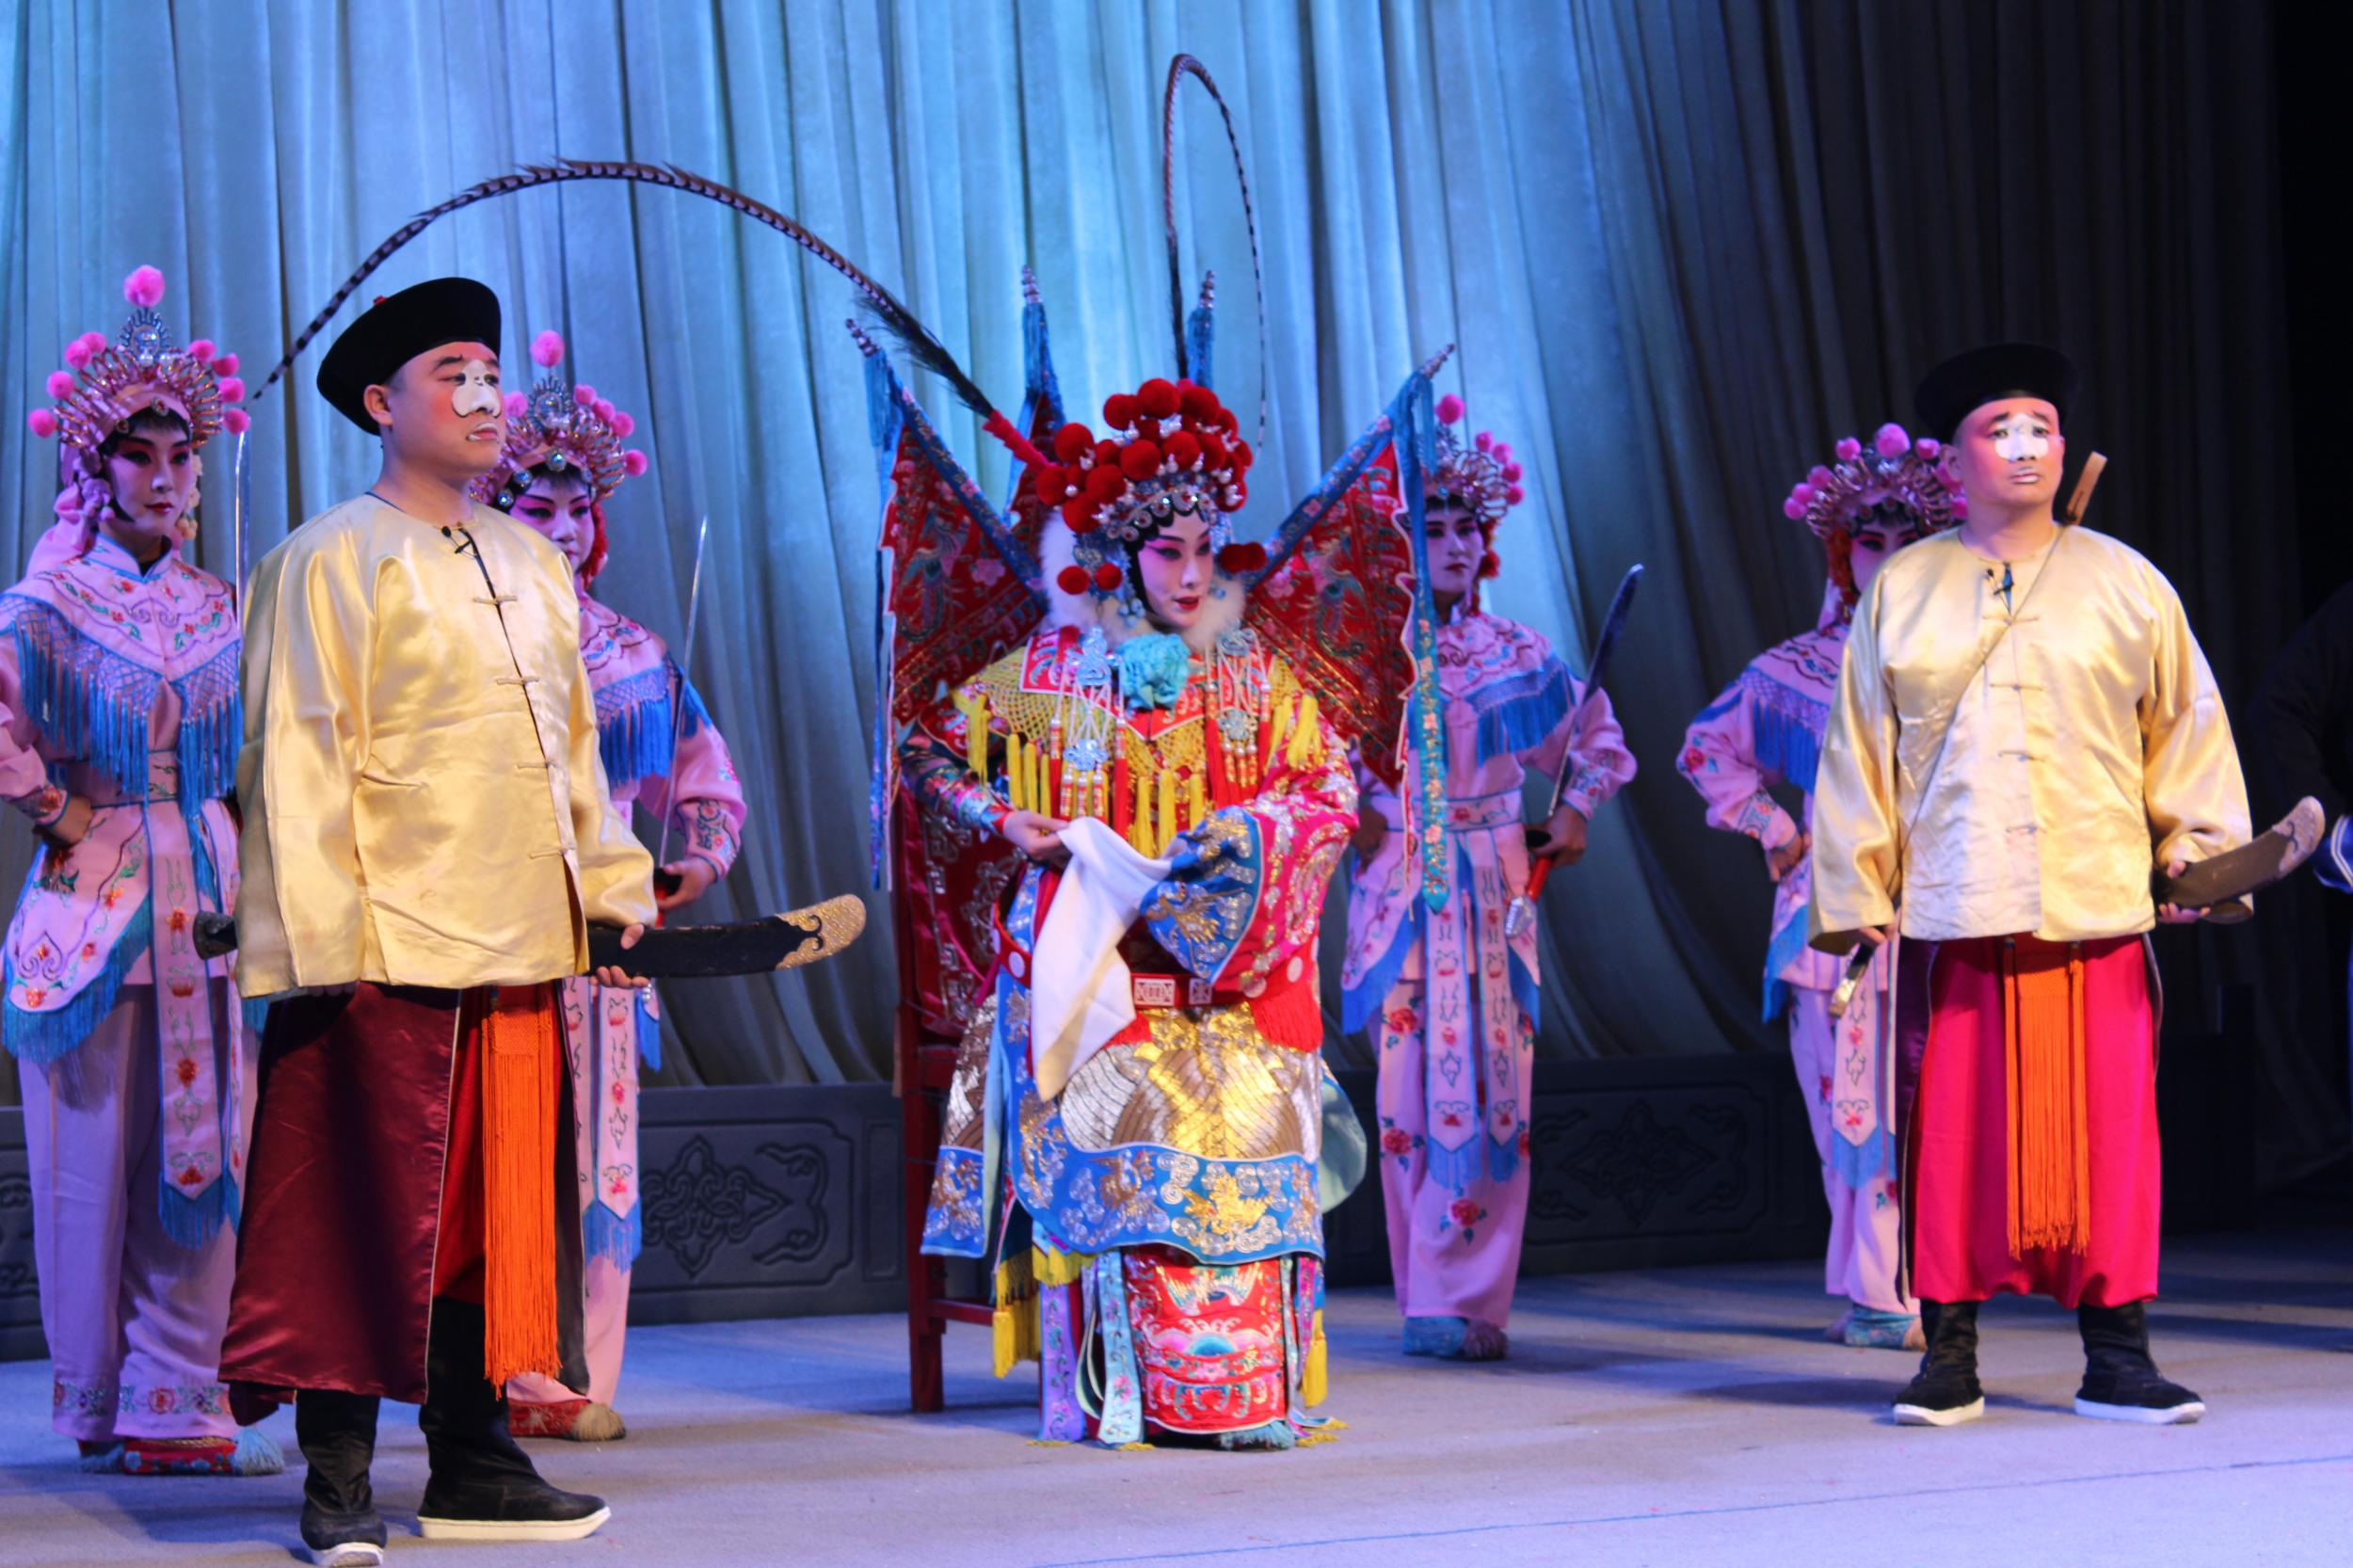 京剧曲谱杜军山对唱父老乡亲